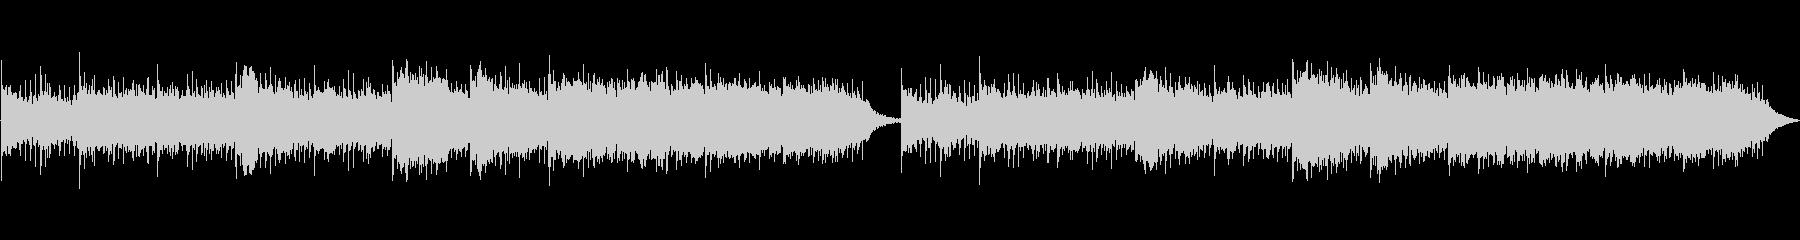 中東イスラムをイメージするフィールド音楽の未再生の波形